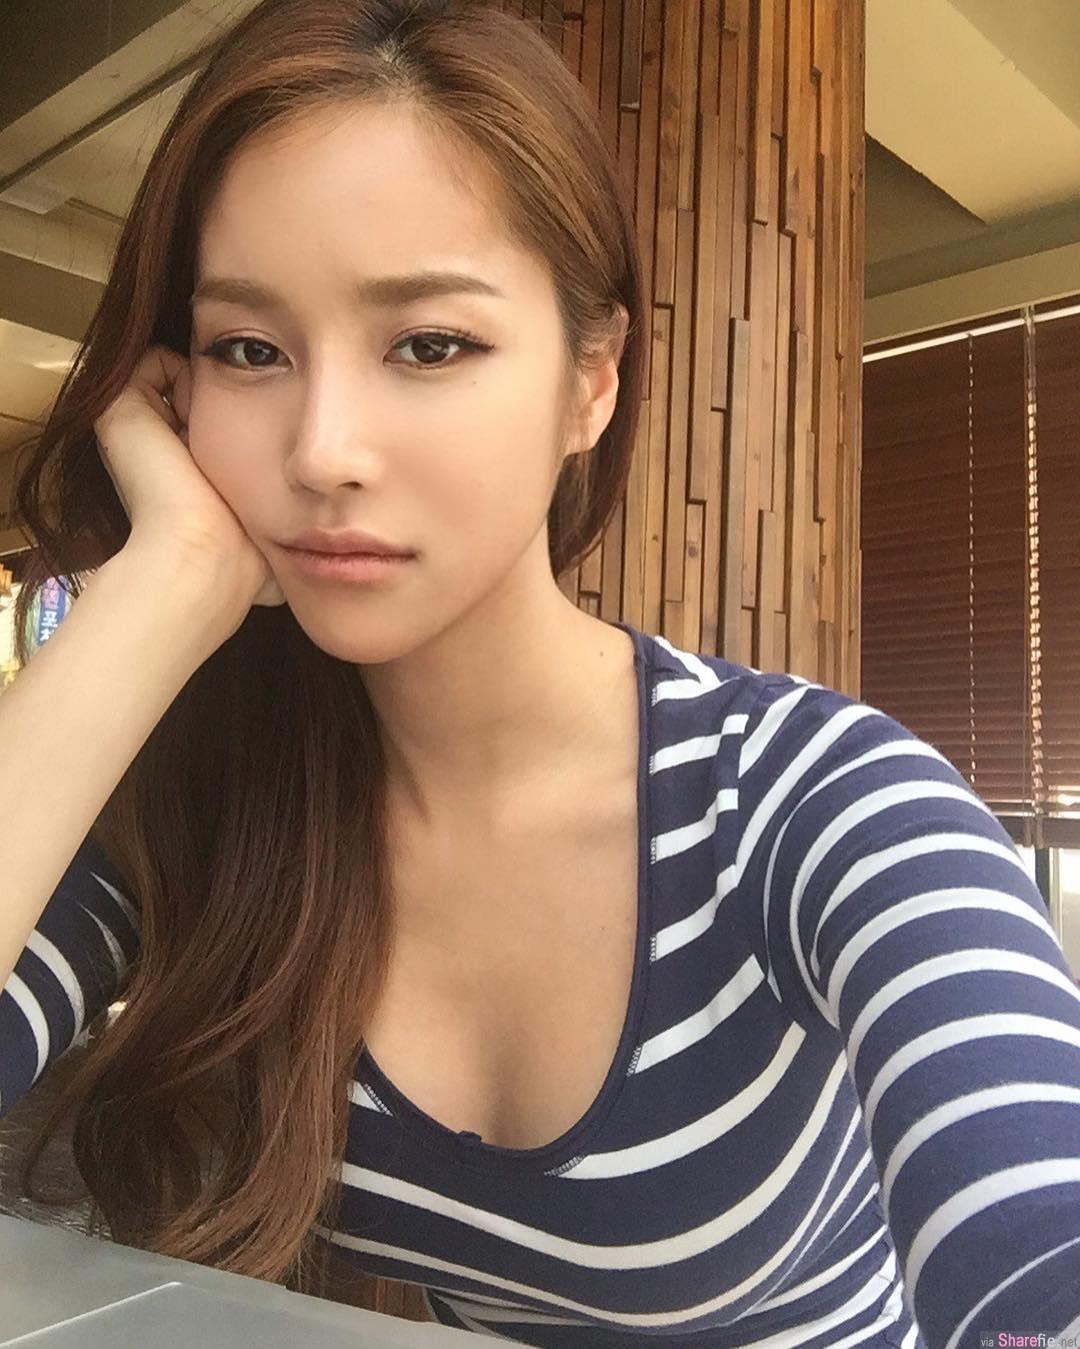 韩国正妹 Jess 超正脸蛋还有浑圆屁股蛋让人蛋蛋没有忧伤